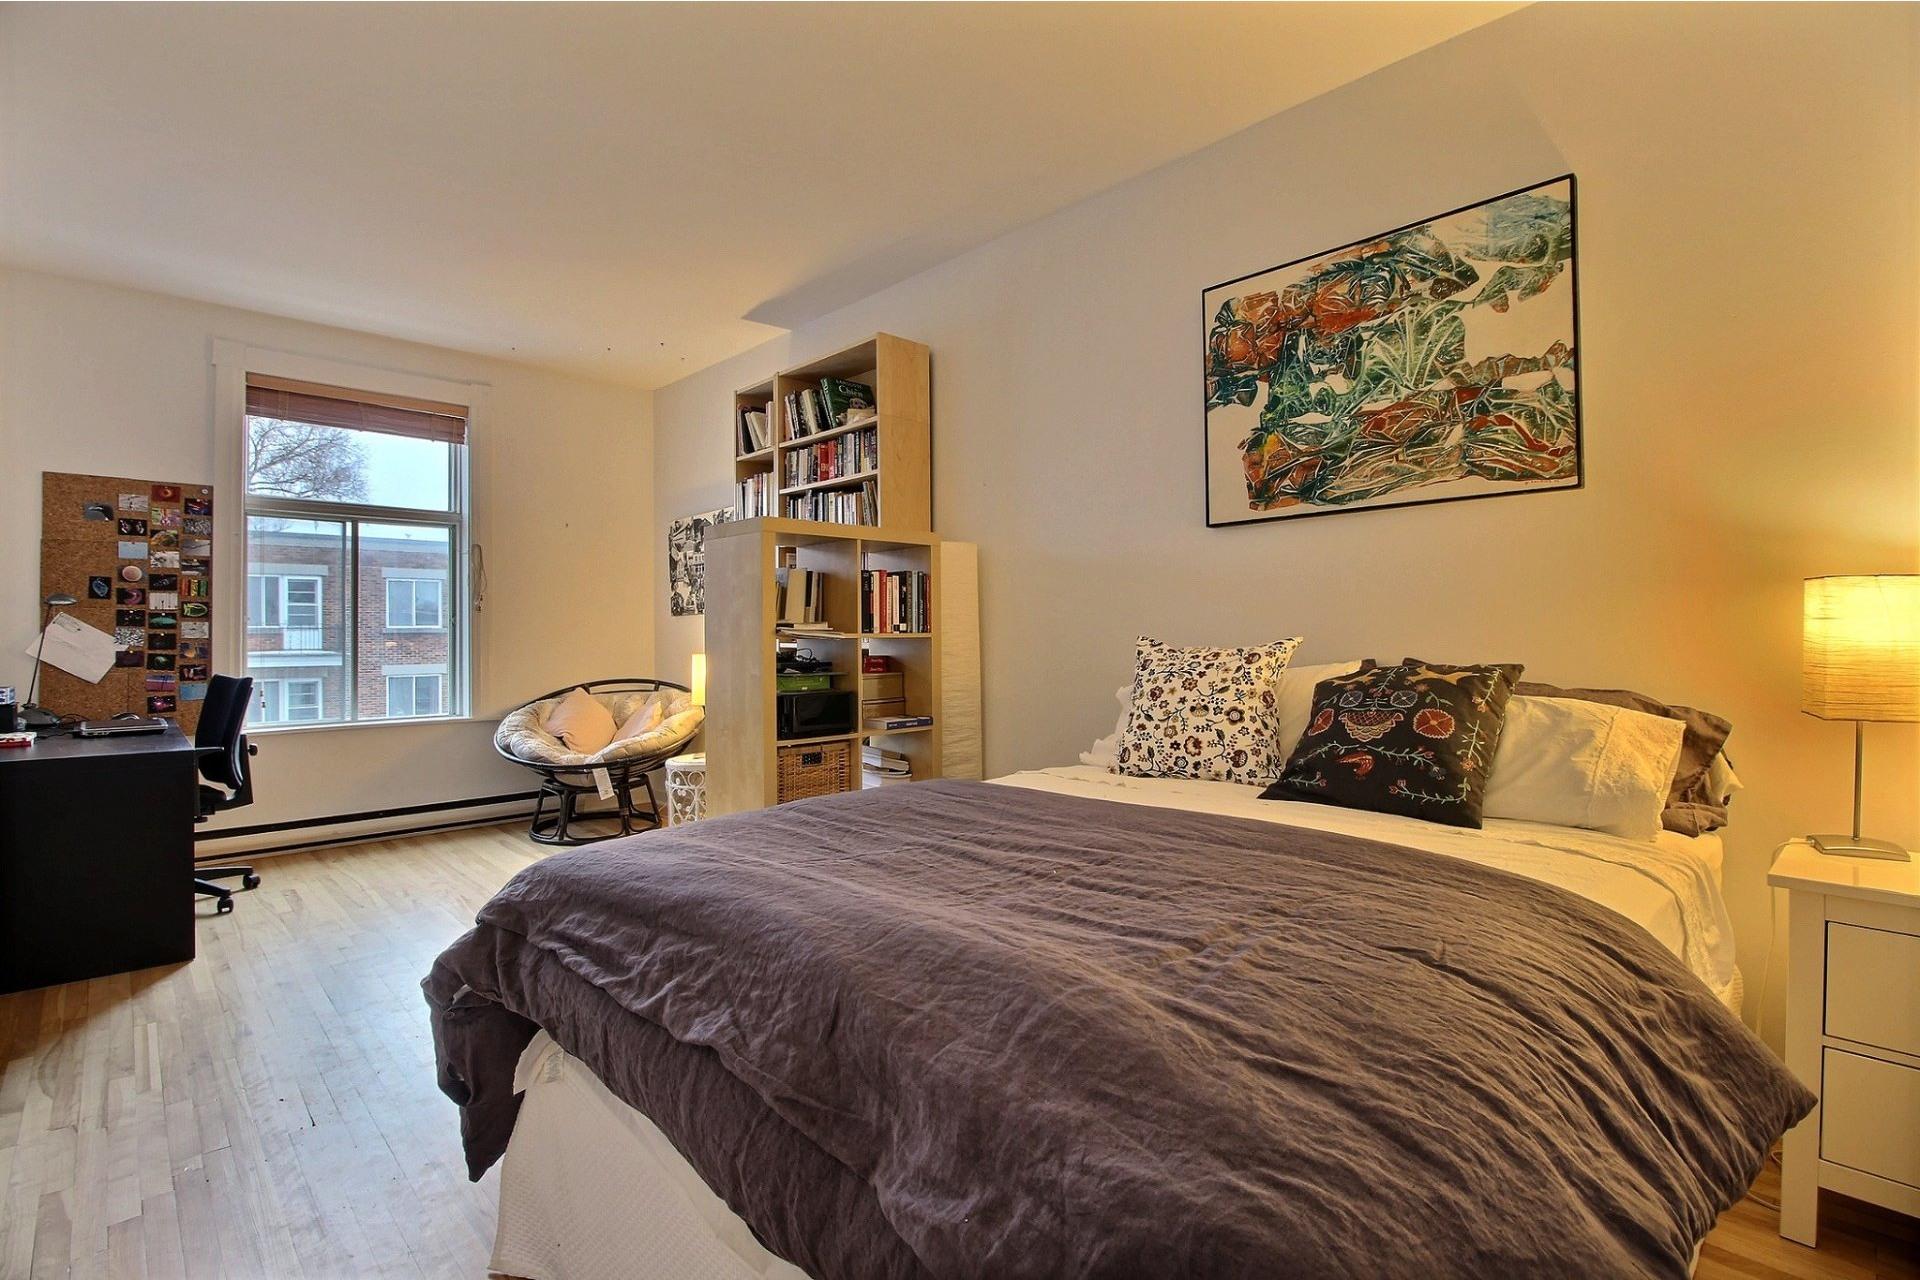 image 13 - Appartement À louer Montréal Ahuntsic-Cartierville  - 2 pièces